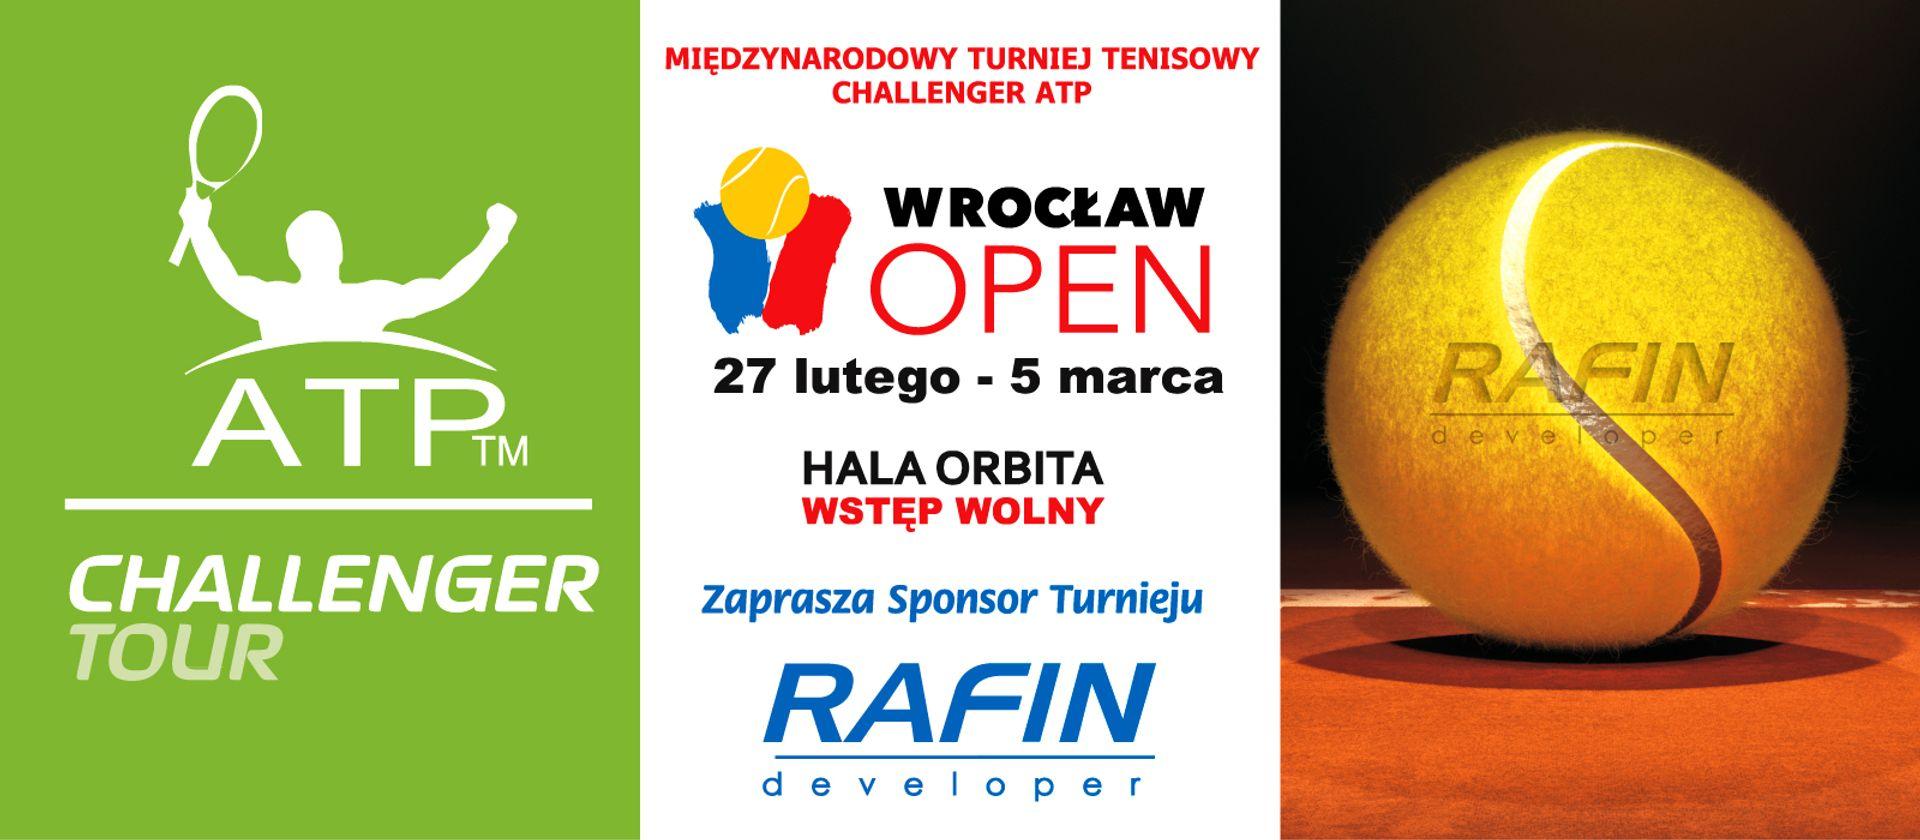 [Wrocław] Wrocław Open 2017 już się rozpoczął! Rafin sponsoruje wielkie tenisowe rozgrywki!